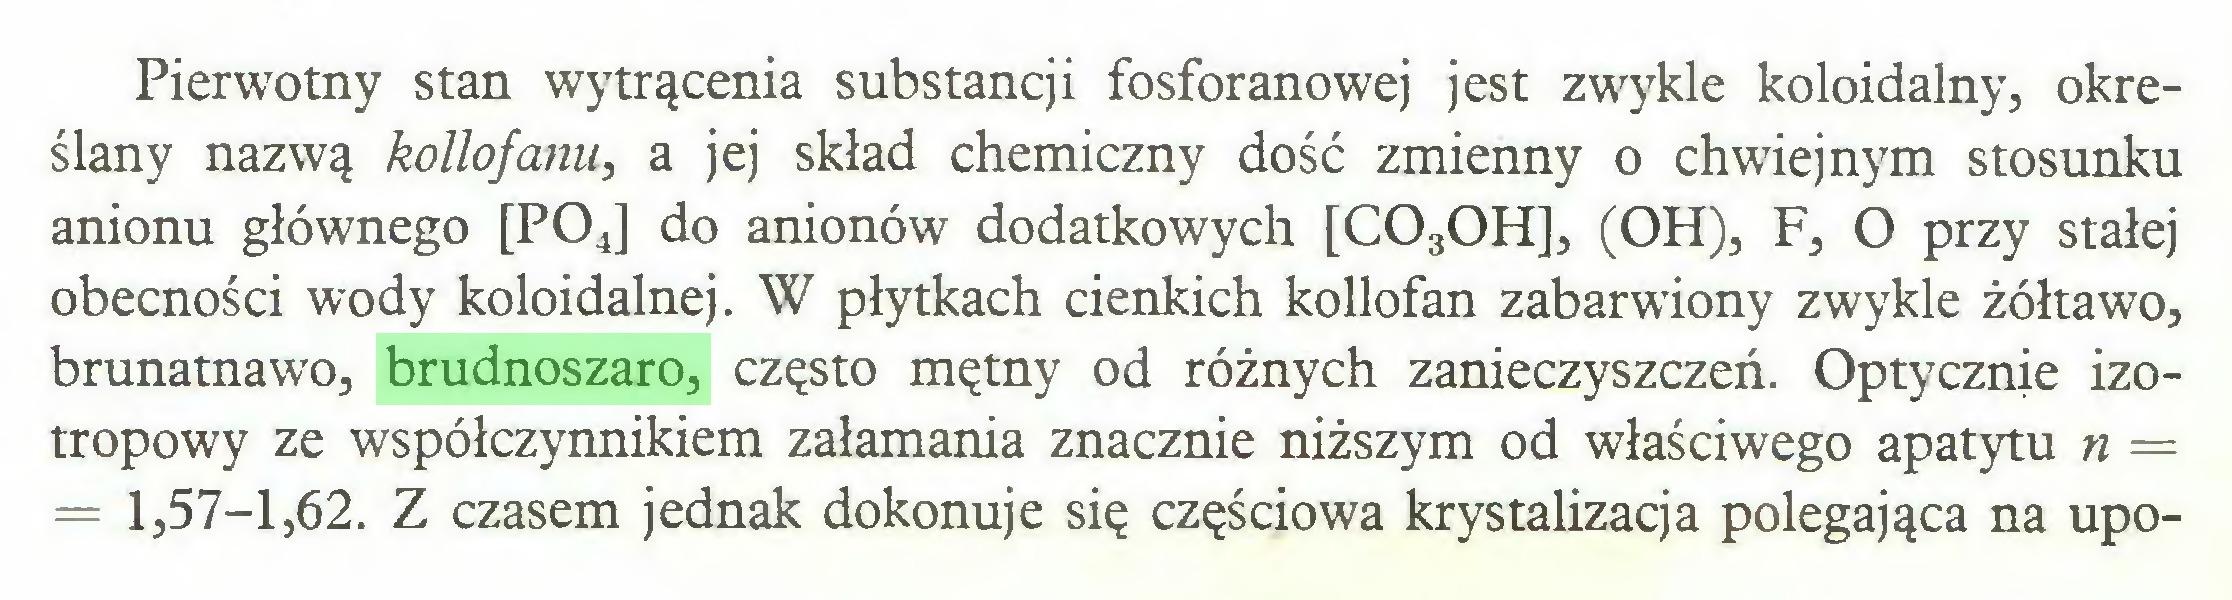 (...) Pierwotny stan wytrącenia substancji fosforanowej jest zwykle koloidalny, określany nazwą kollofanu, a jej skład chemiczny dość zmienny o chwiejnym stosunku anionu głównego [P04] do anionów dodatkowych [C030H], (OH), F, O przy stałej obecności wody koloidalnej. W płytkach cienkich kollofan zabarwiony zwykle żółtawo, brunatnawo, brudnoszaro, często mętny od różnych zanieczyszczeń. Optycznie izotropowy ze współczynnikiem załamania znacznie niższym od właściwego apatytu n = = 1,57-1,62. Z czasem jednak dokonuje się częściowa krystalizacja polegająca na upo...